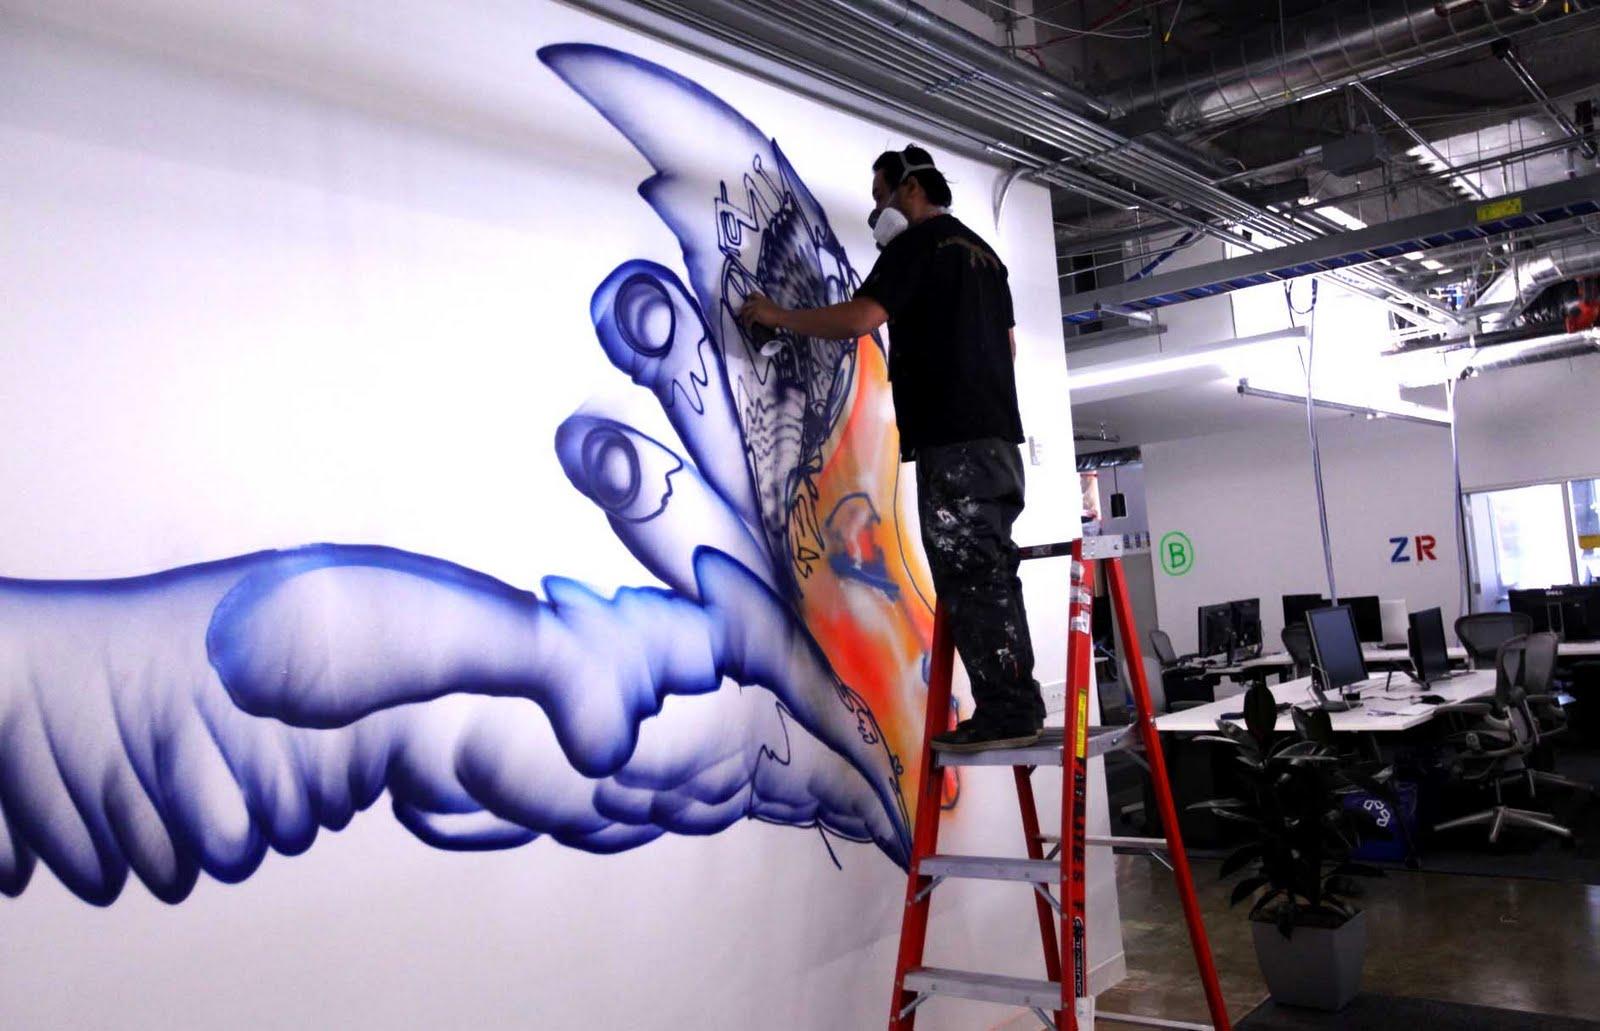 facebook macht graffiti k nstler zum multimillion r i love graffiti de. Black Bedroom Furniture Sets. Home Design Ideas